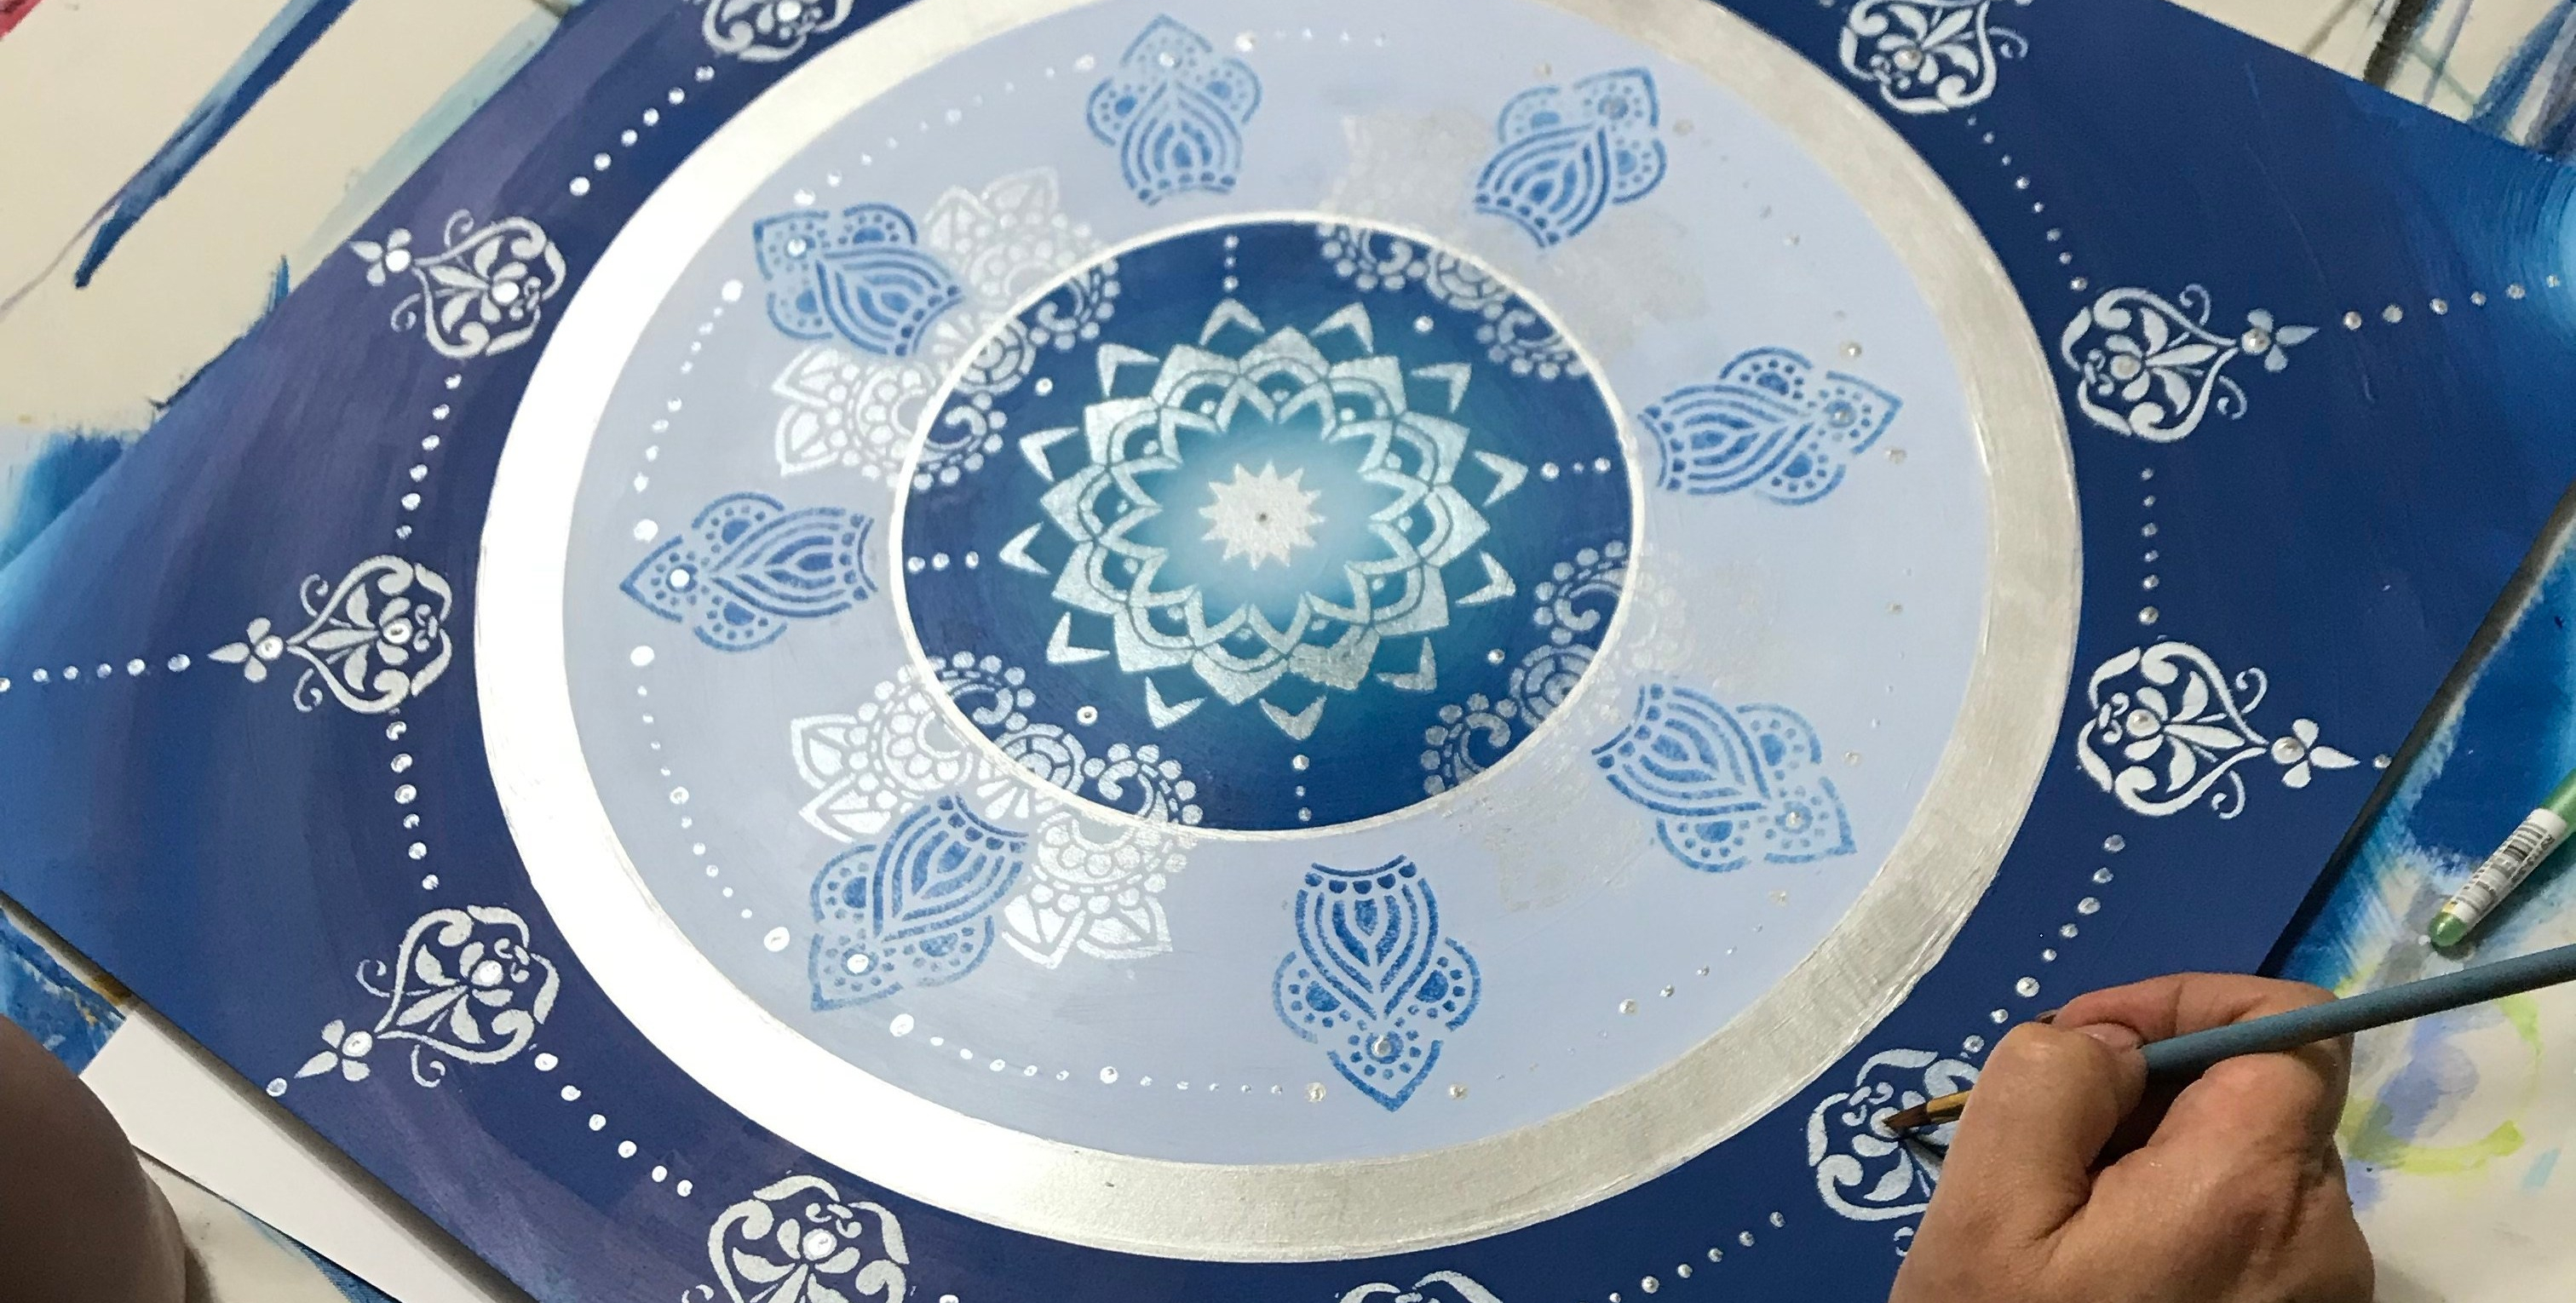 Embarked Large Mandala Painting Workshop